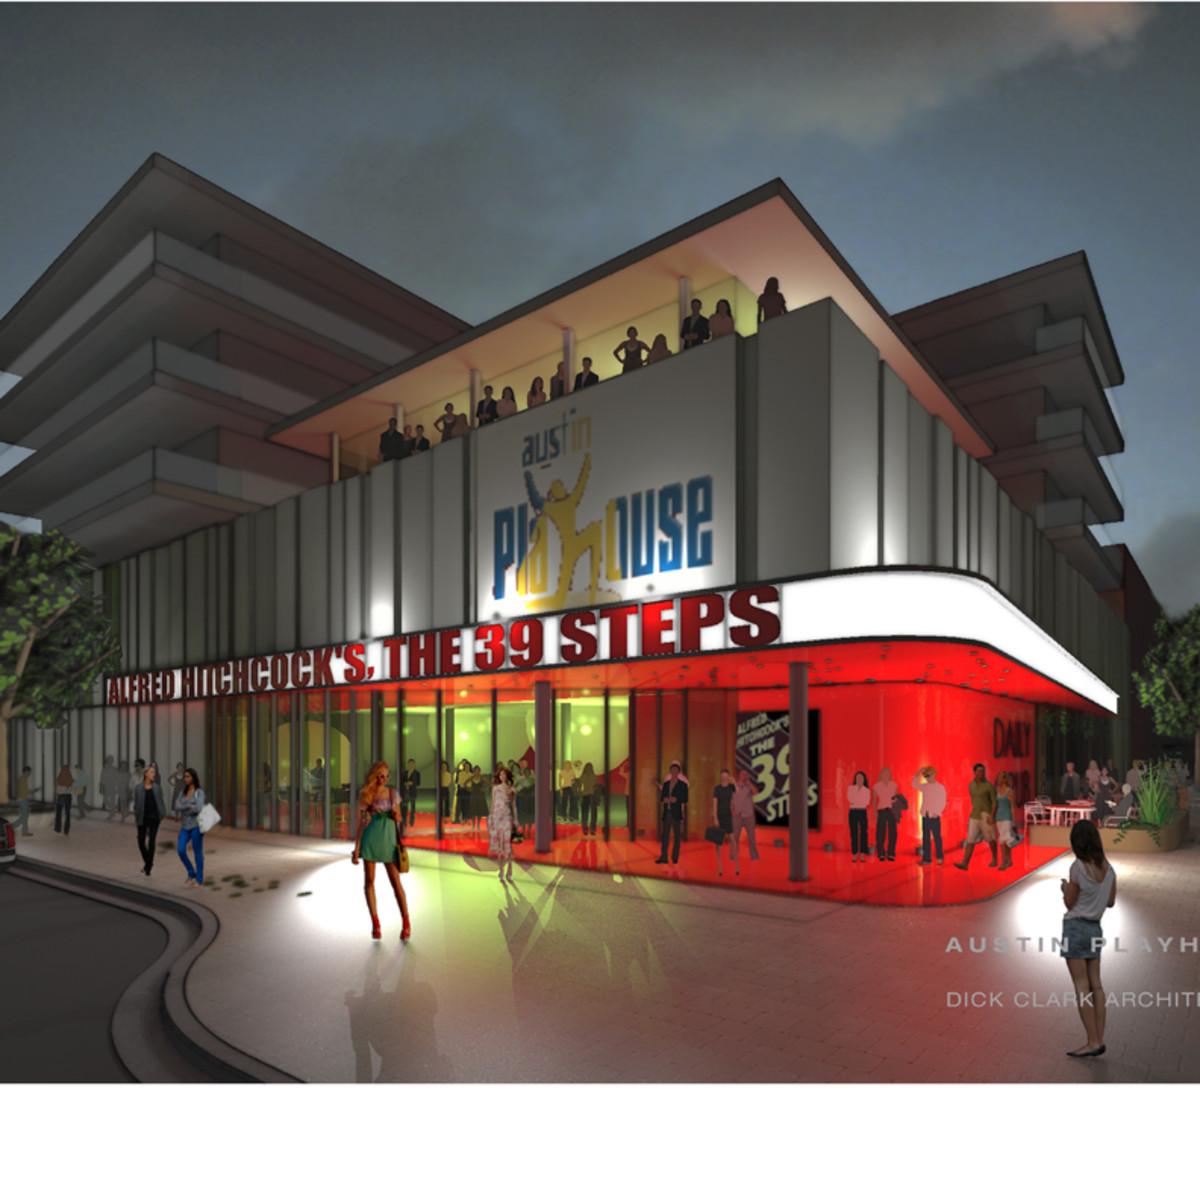 Austin Photo: Places_Arts_Austin_Playhouse_New_Building